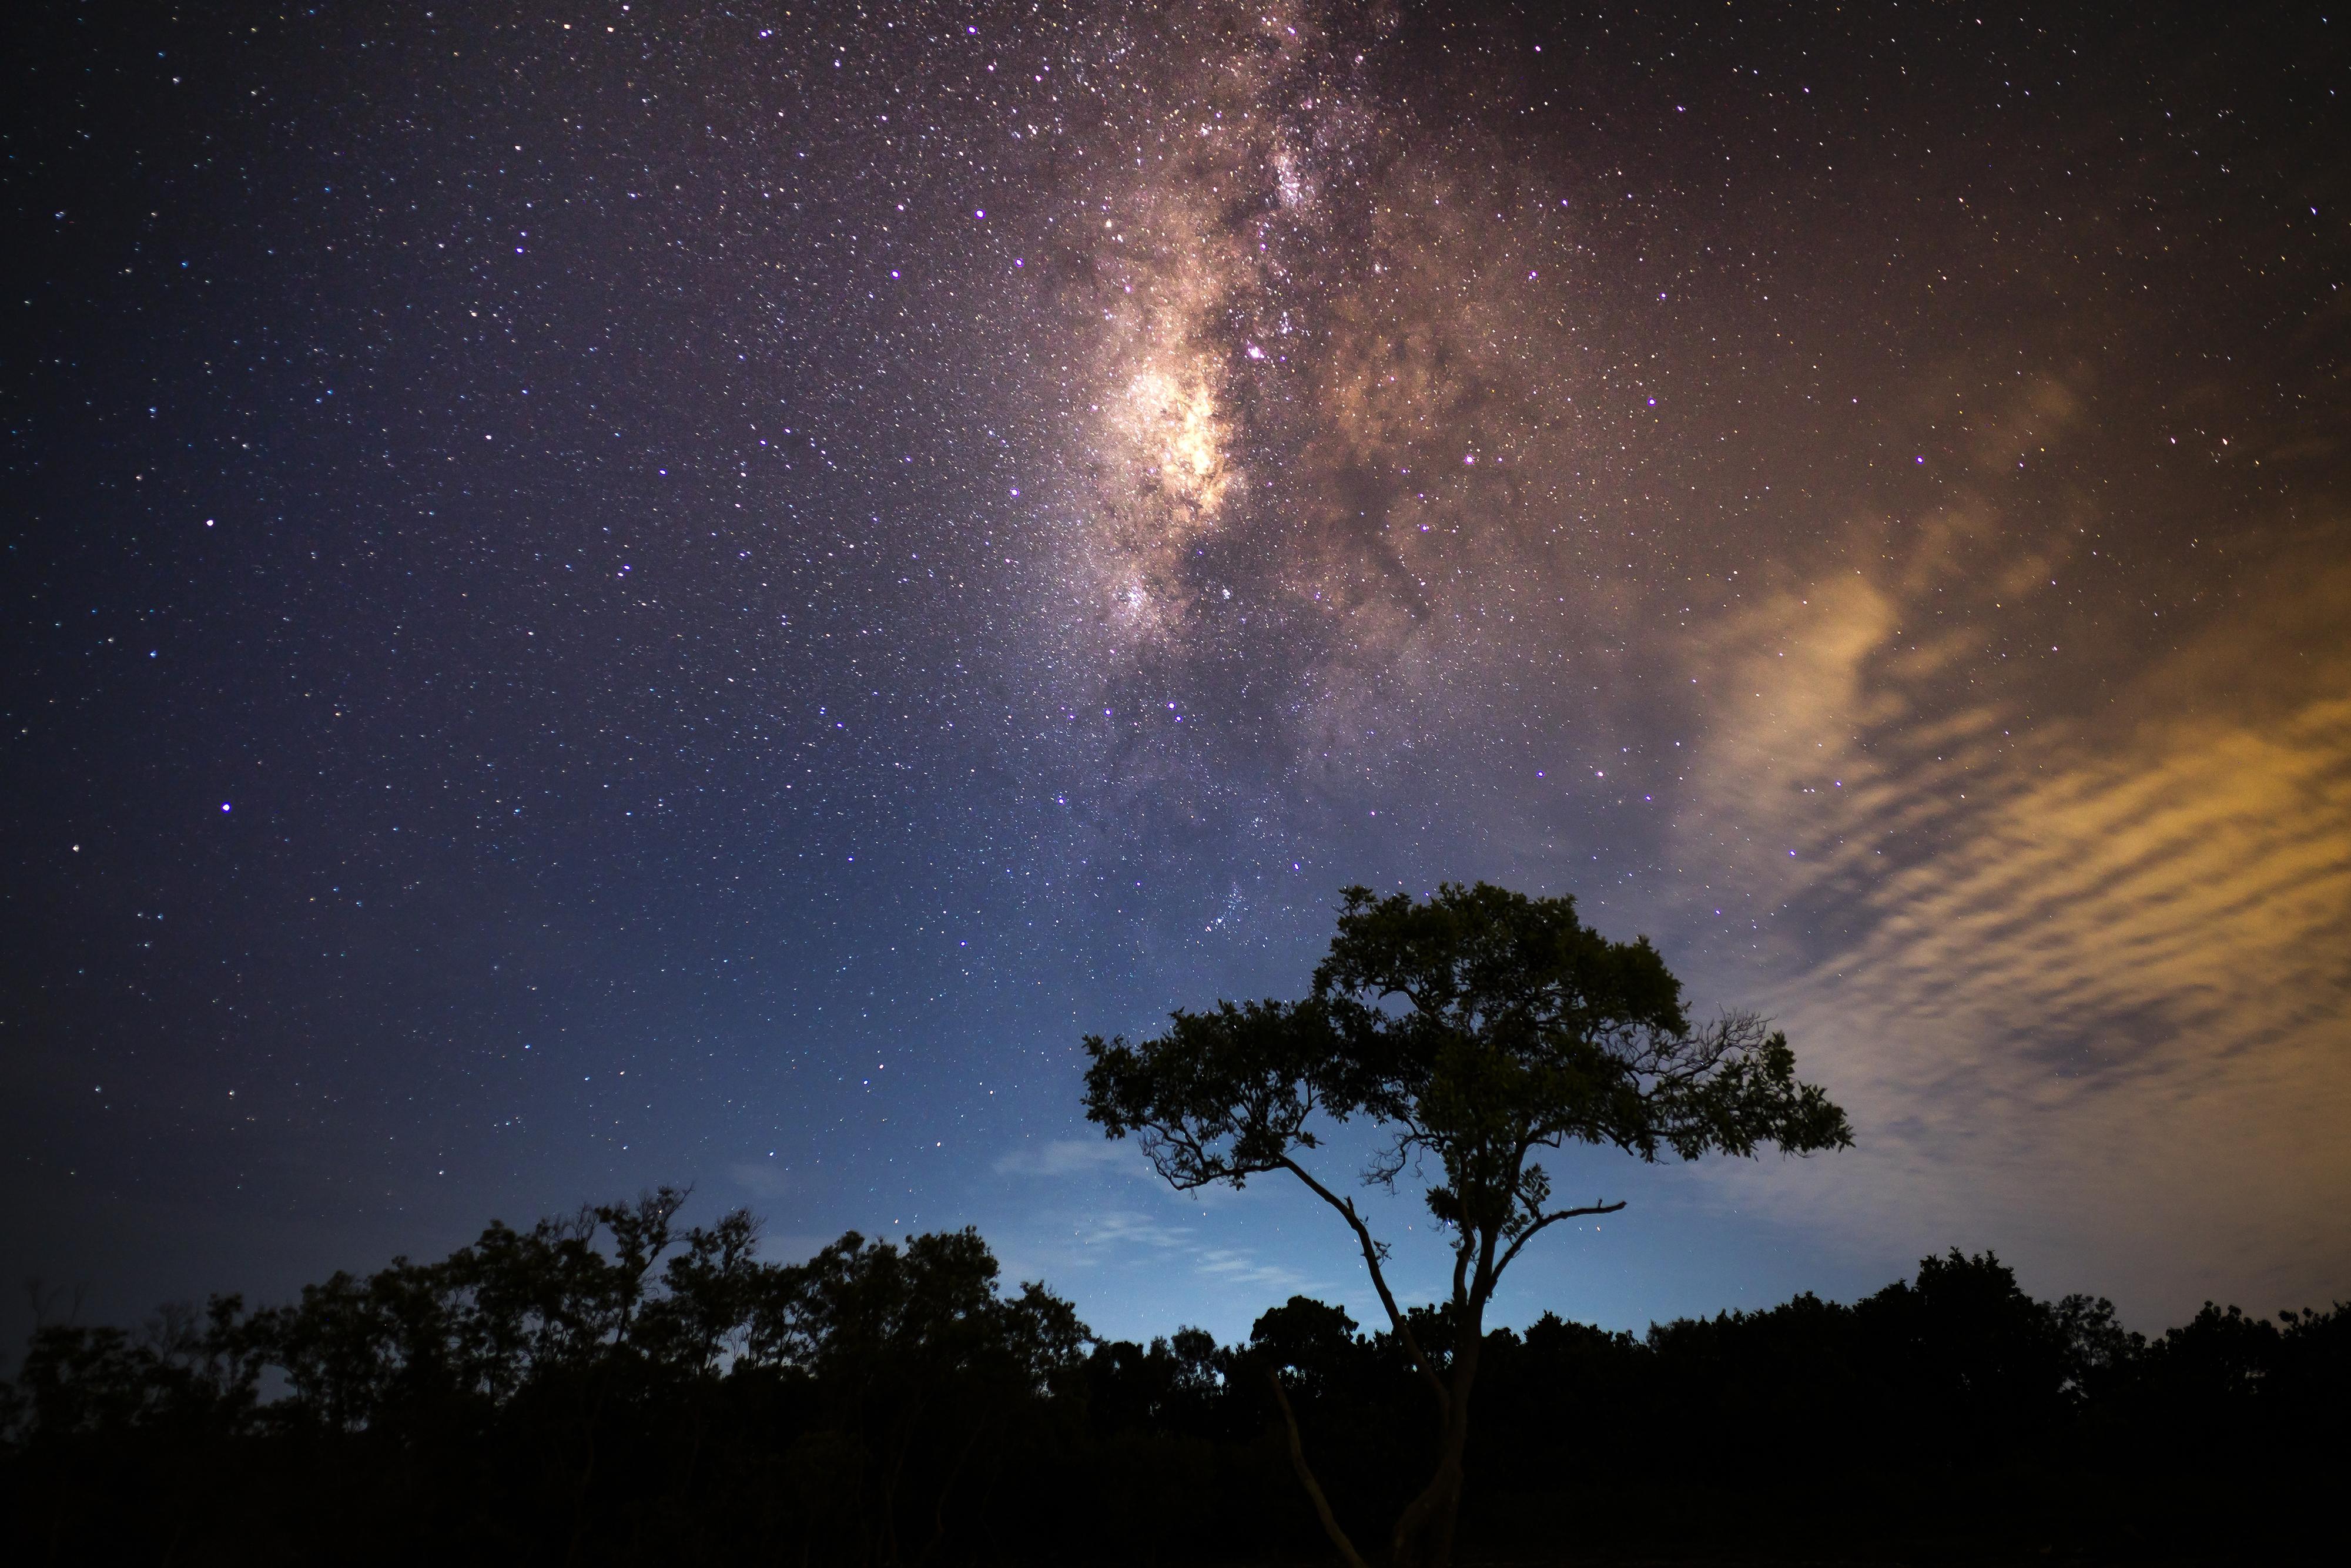 Milky Way 4k Ultra HD Wallpaper